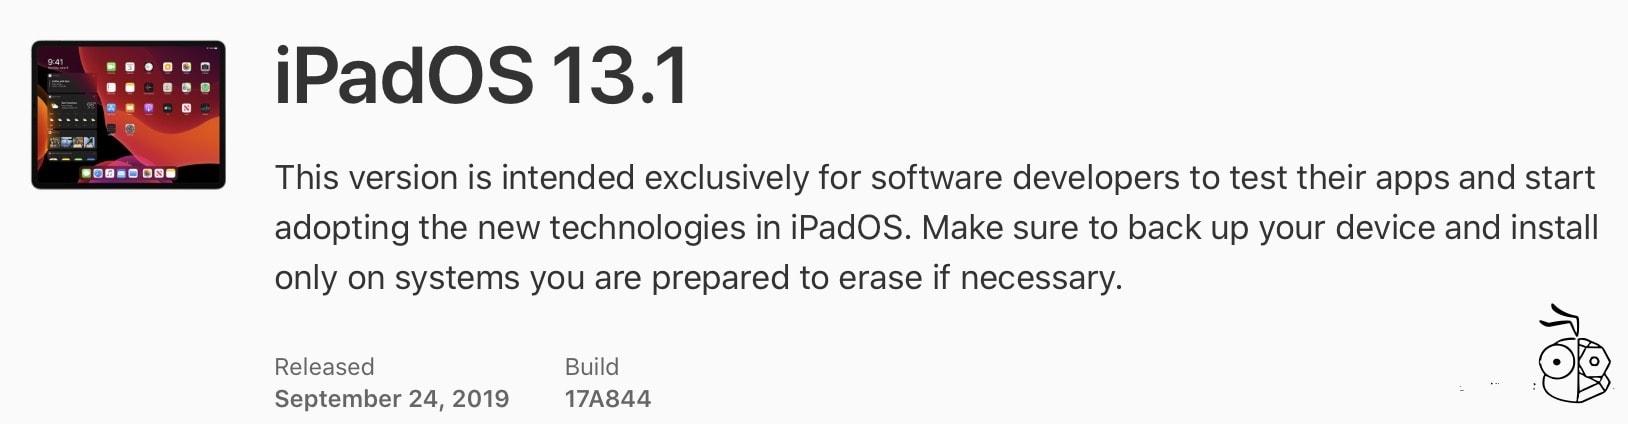 Ipados 13.1 Build Number